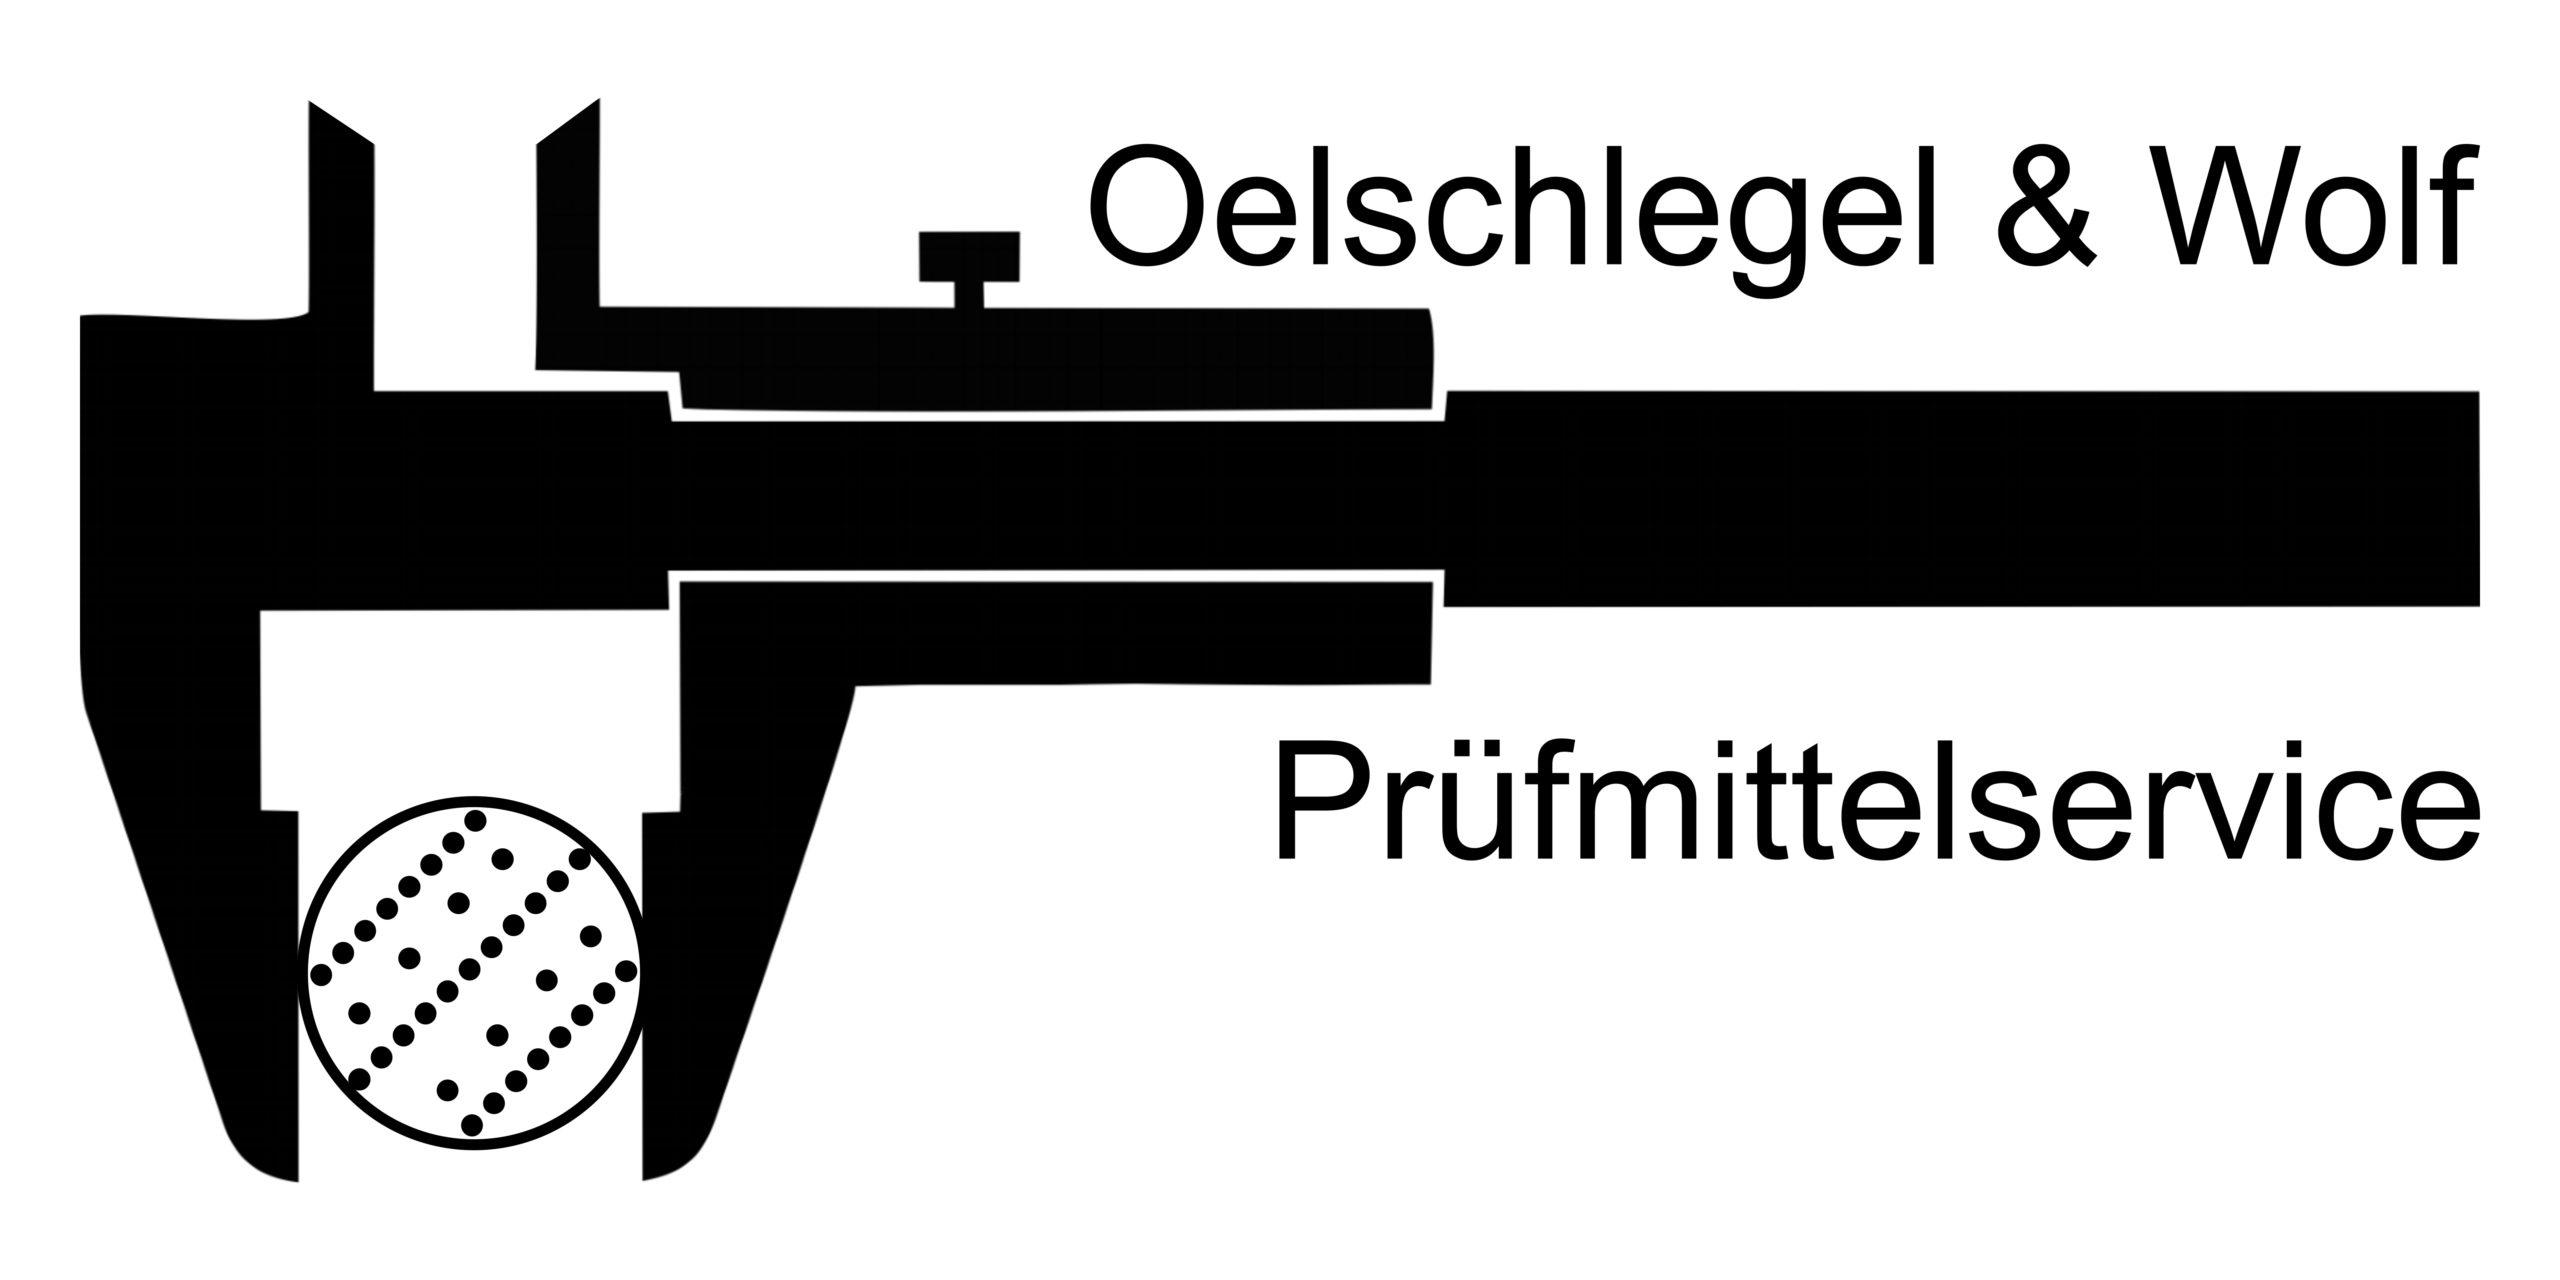 Oelschlegel & Wolf Prüfmittelservice